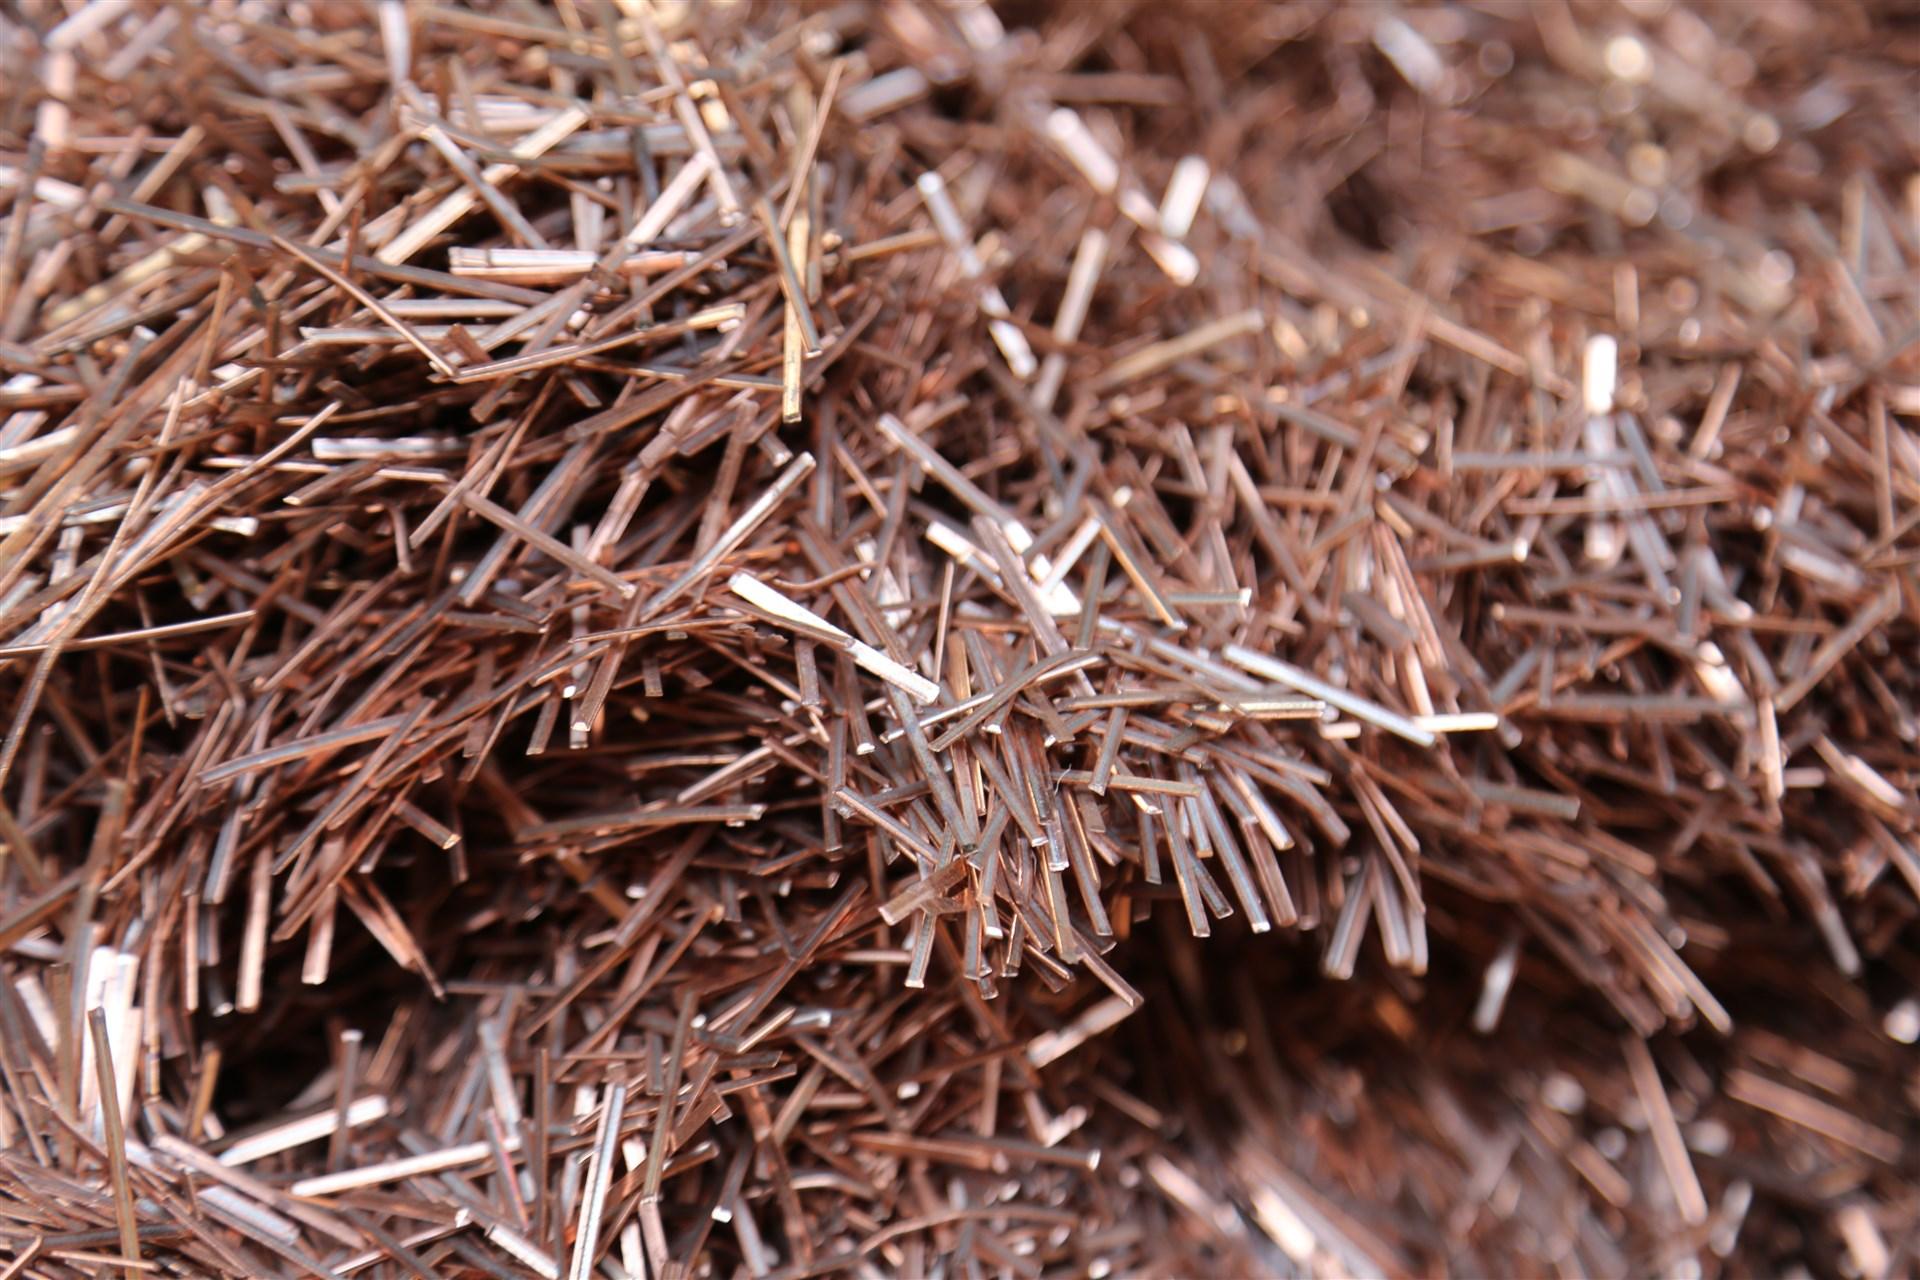 Metal Recycling Copper Granulate Copper Candy Pipe Scrap